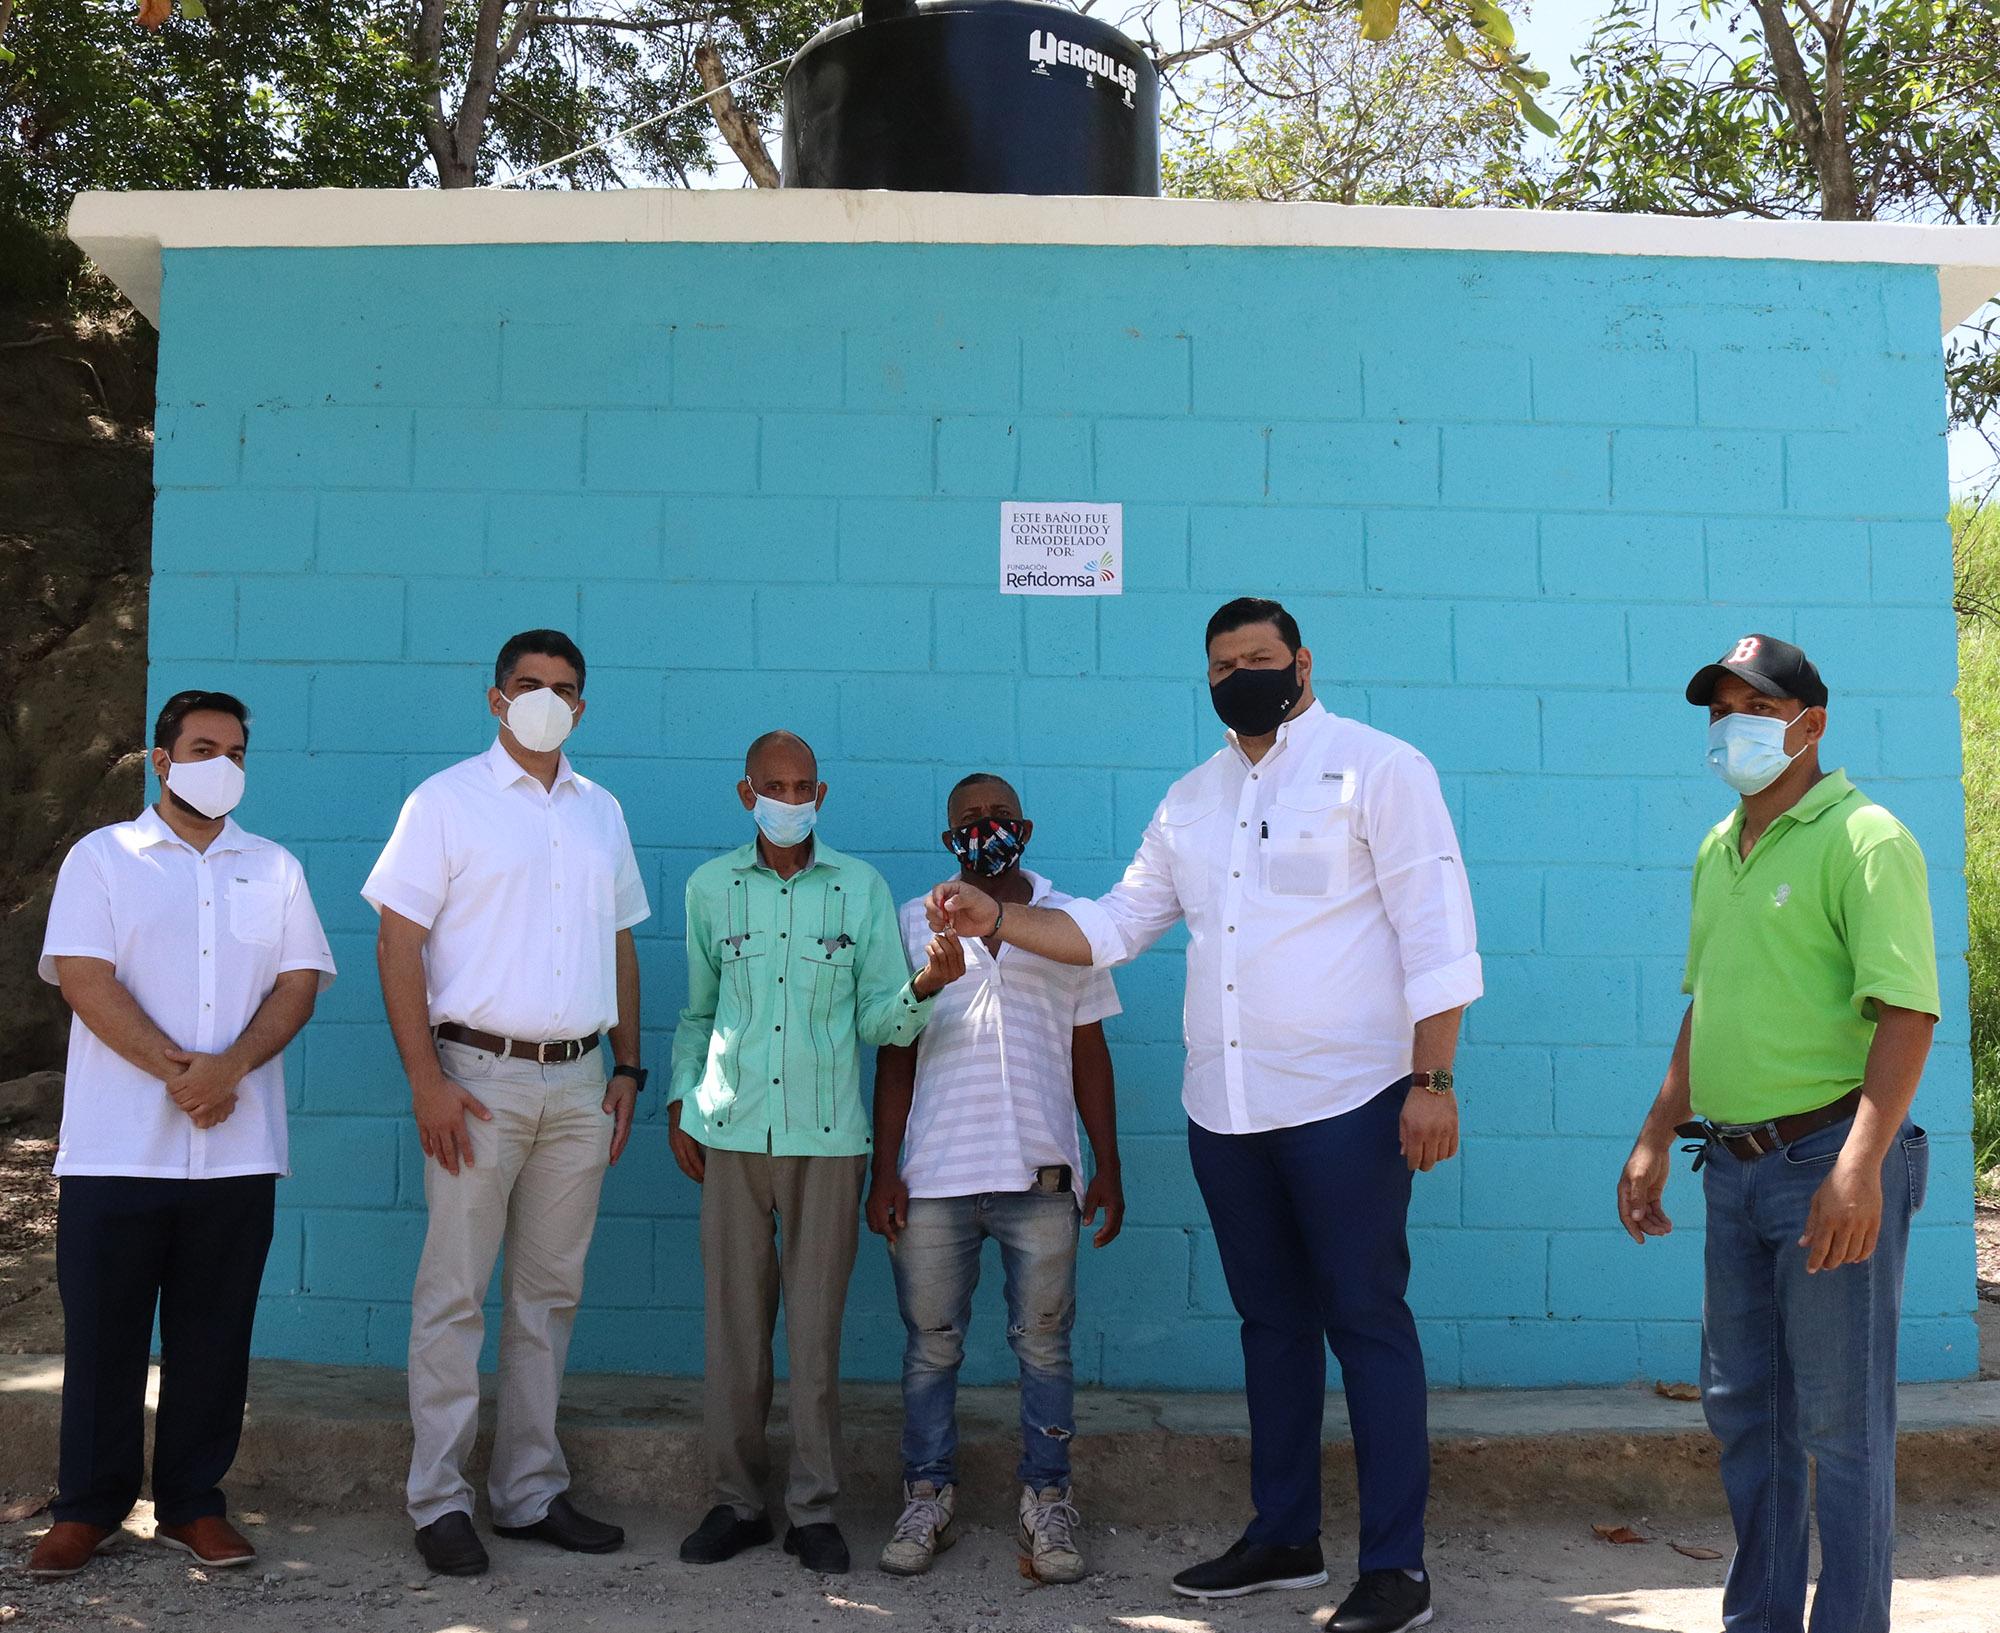 Entrega Fundación Refidomsa baños comunitarios Haina y Nigua